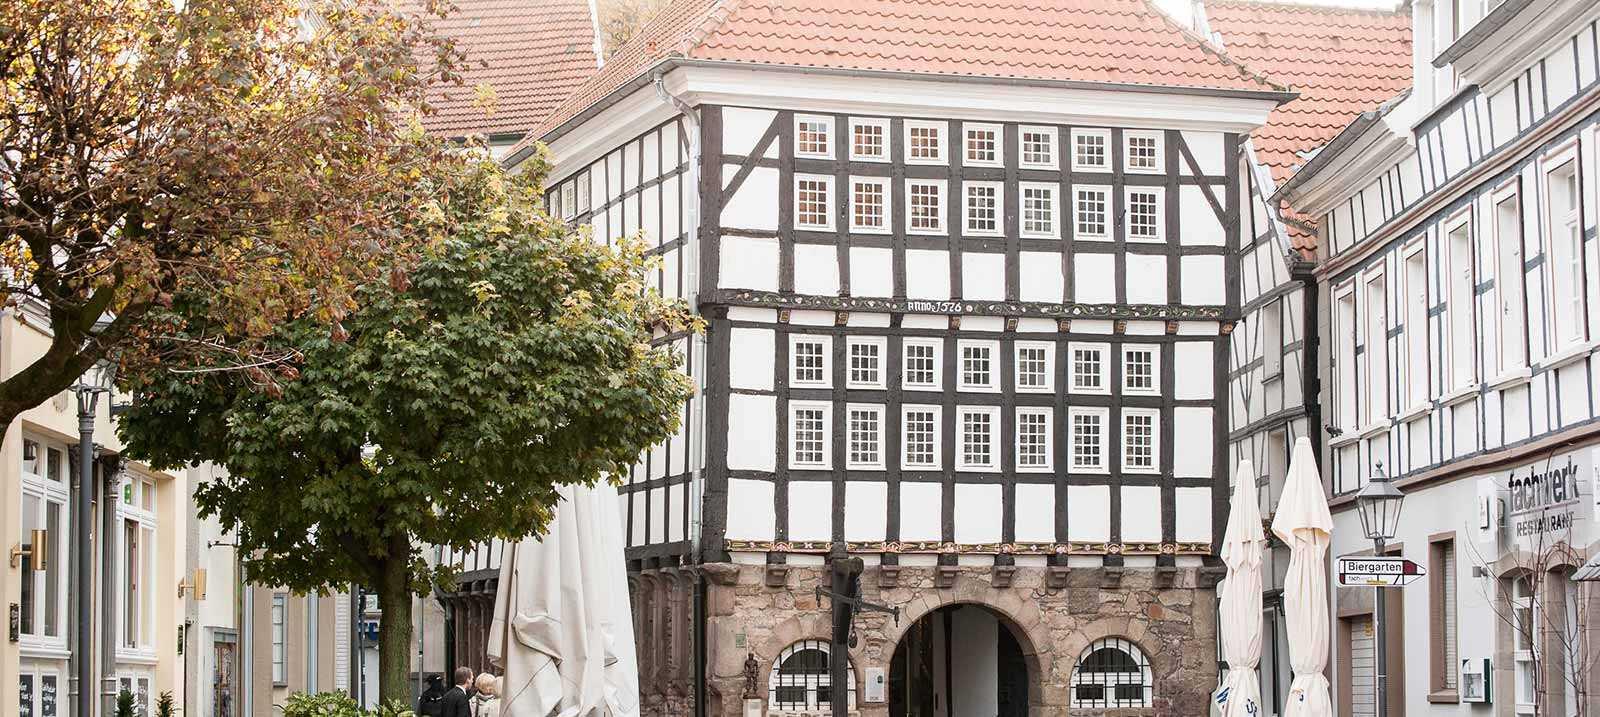 Ev. Kirche von Westfalen - Hattingen Untermarkt